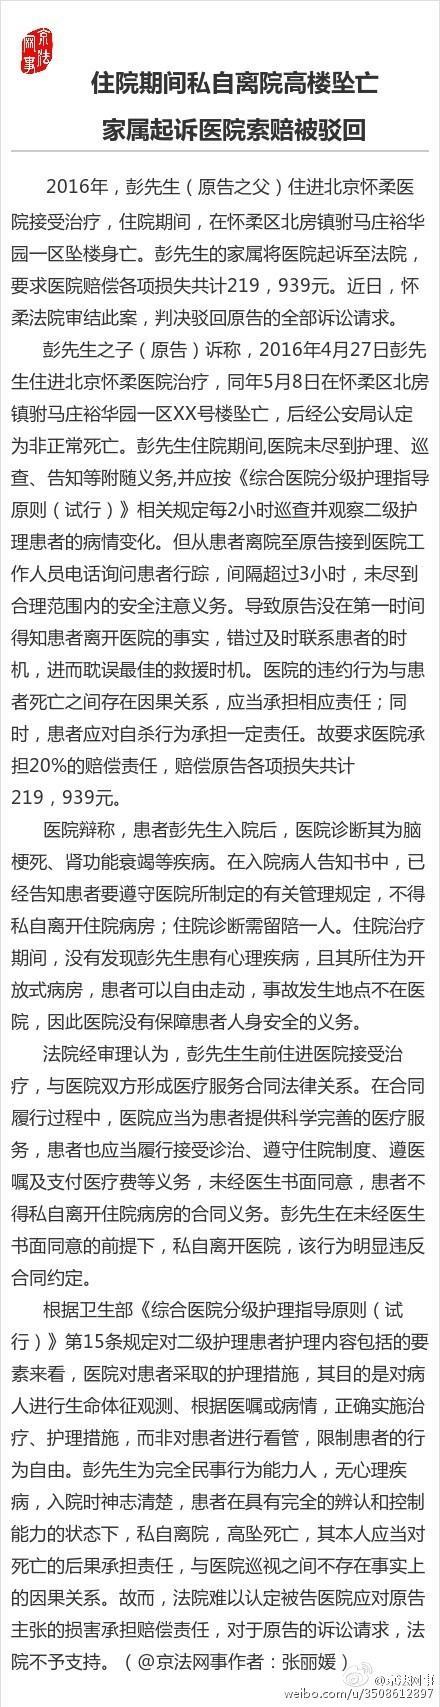 """""""走廊医生""""诉央视主持人王志安名誉侵权案一审败... -手机搜狐"""